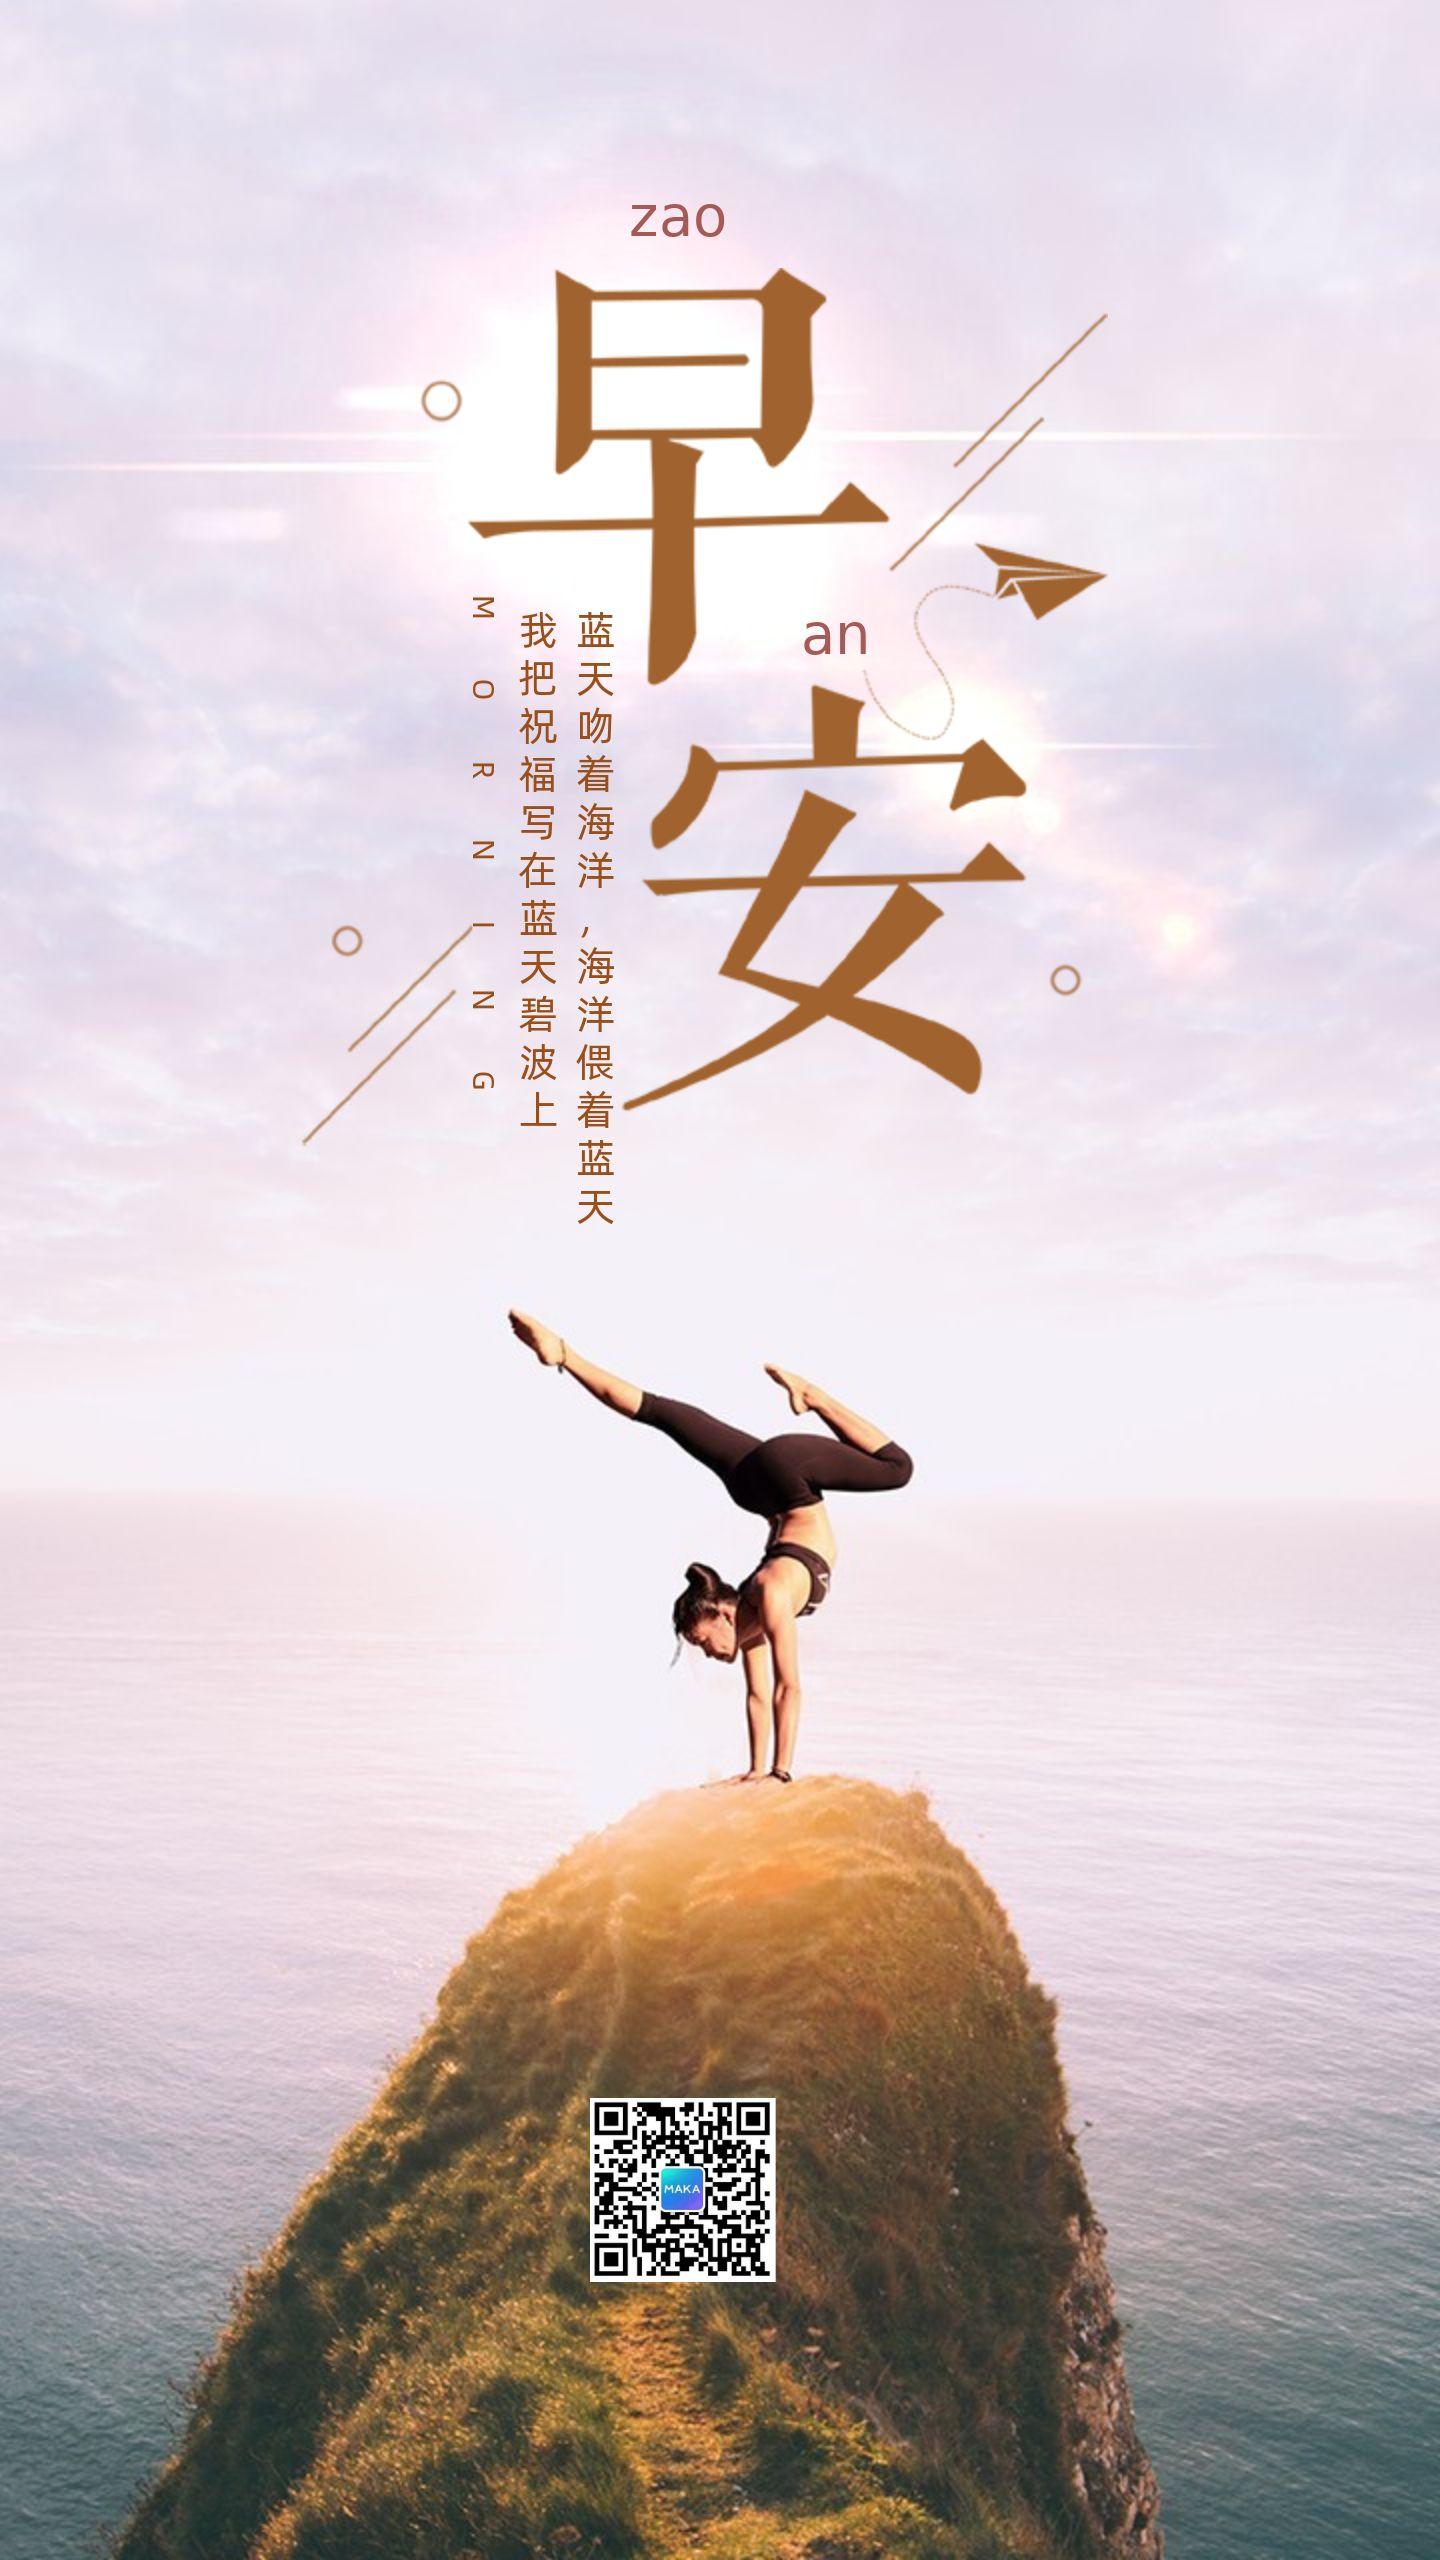 创意早安日签大海日出瑜伽女孩小清新励志早安日签宣传海报